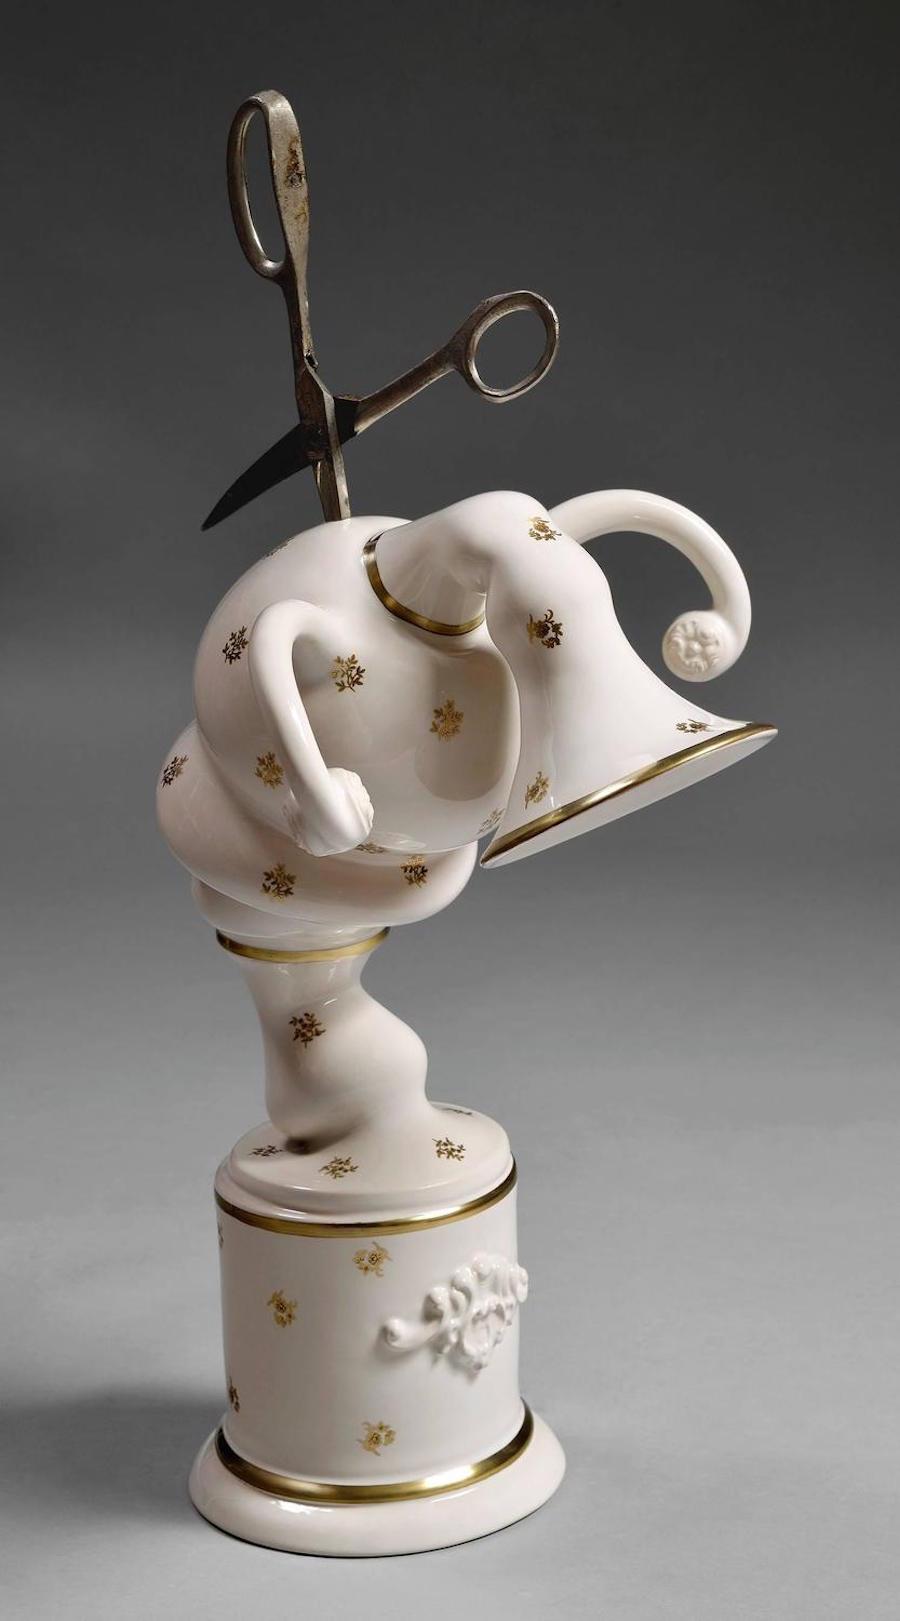 scultura-vasi-porcellana-incidenti-bizzarri-laurent-craste-14